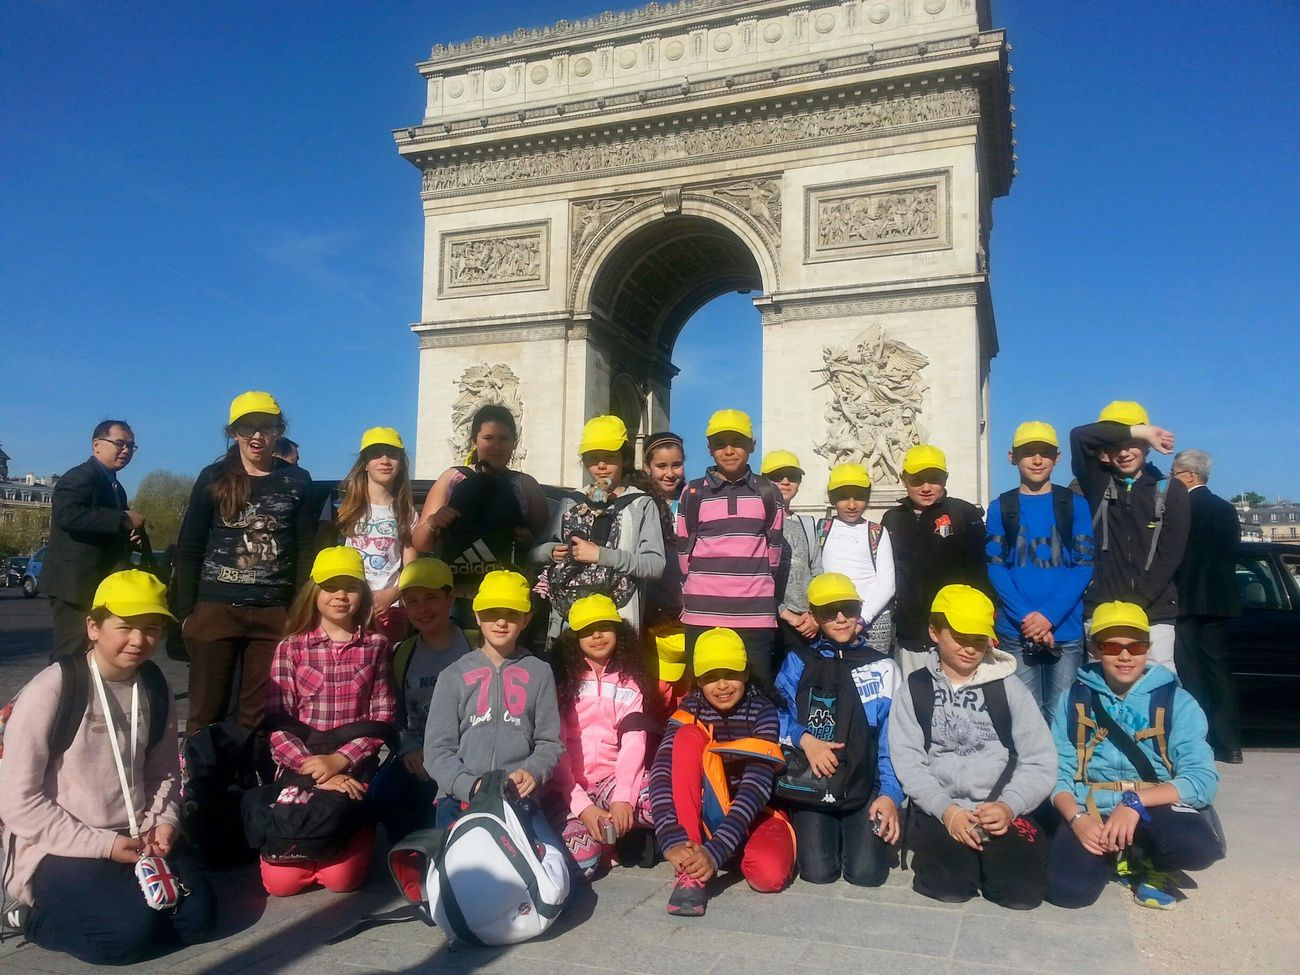 Séjour à Paris : Journée du mercredi 15 avril 2015